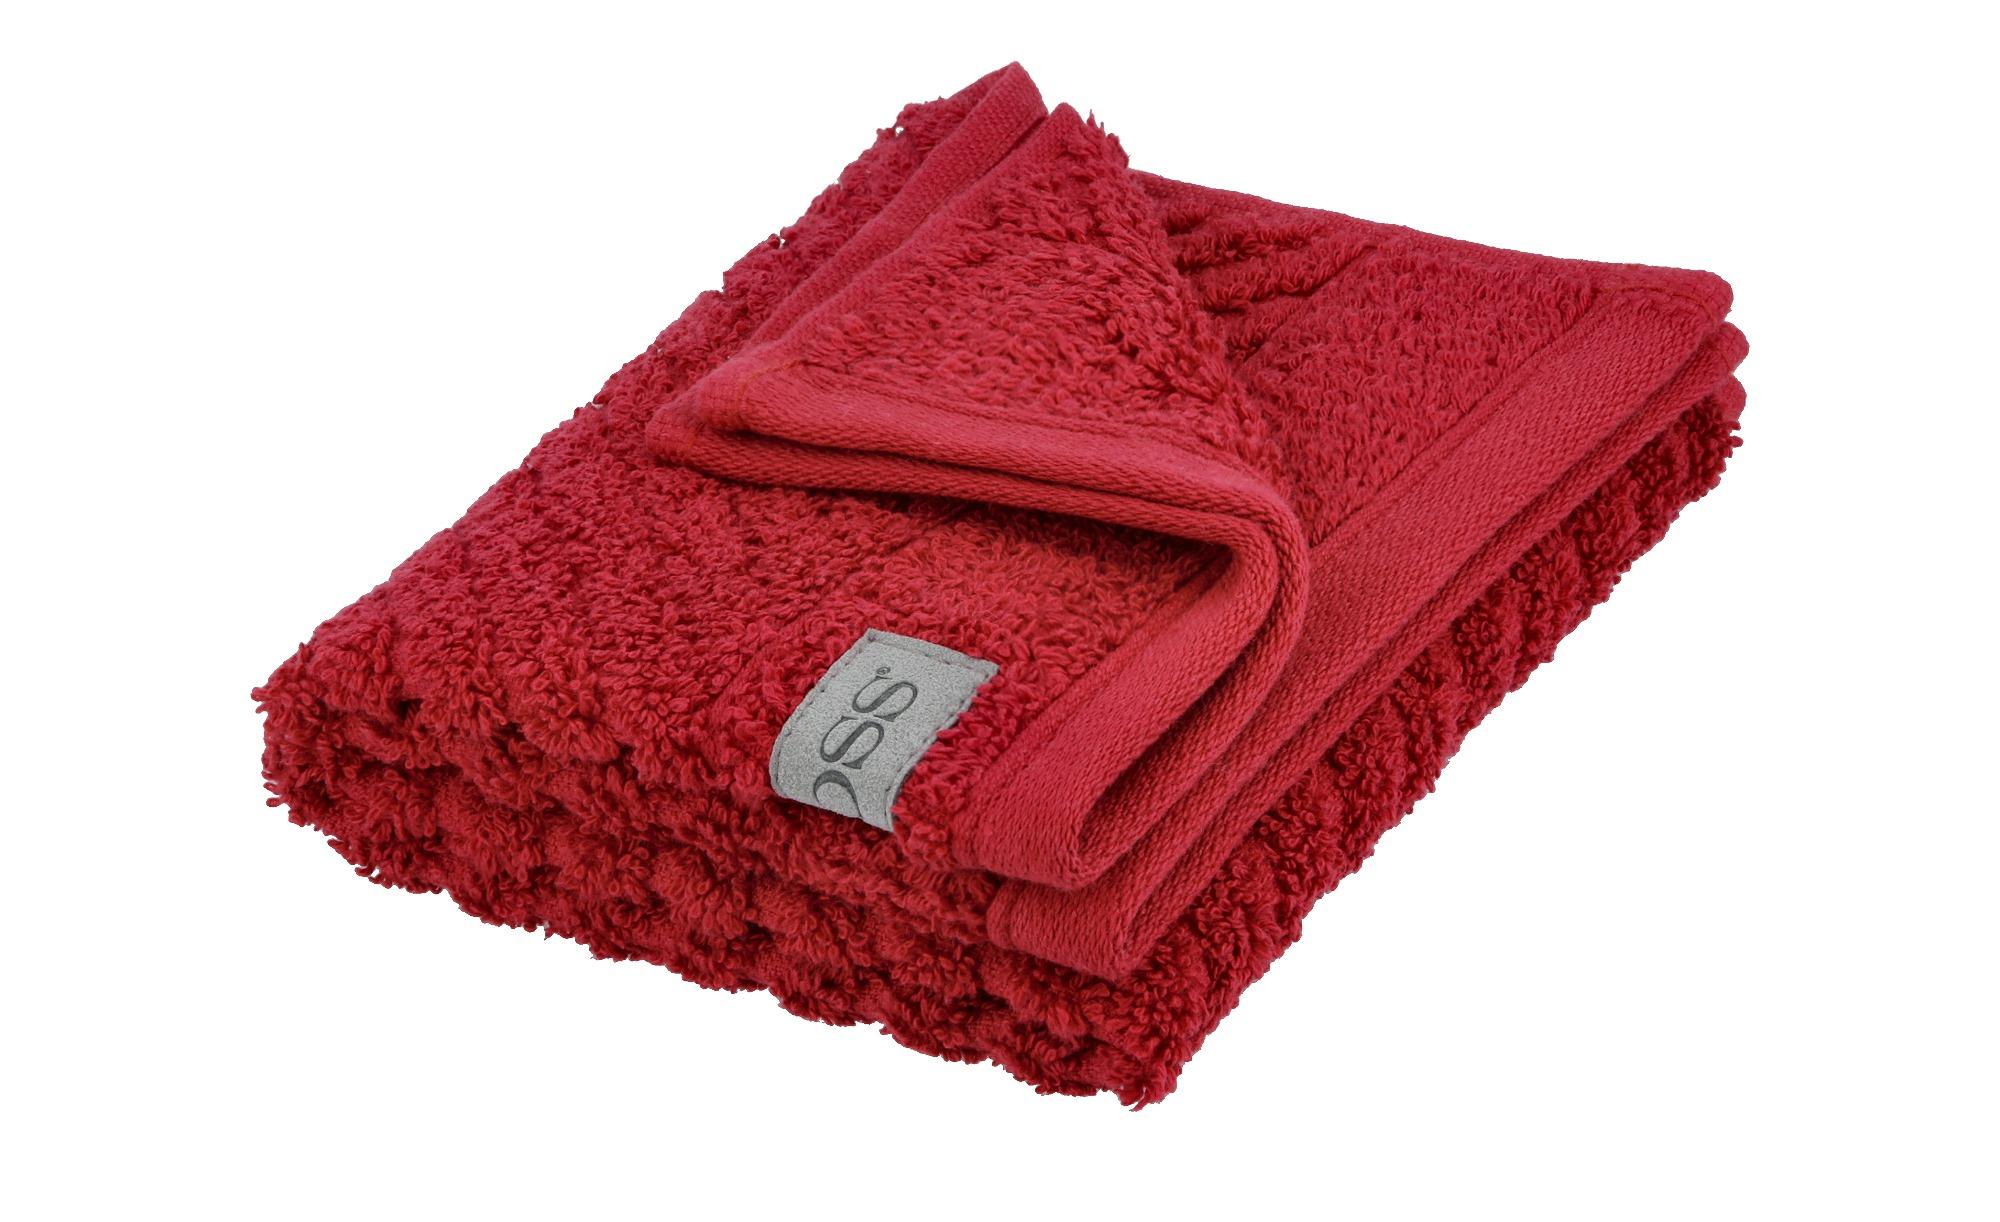 Ross Gästetuch  4006 ¦ rot ¦ 100% Baumwolle ¦ Maße (cm): B: 30 Badtextilien und Zubehör > Handtücher & Badetücher > Gästetücher - Höffner